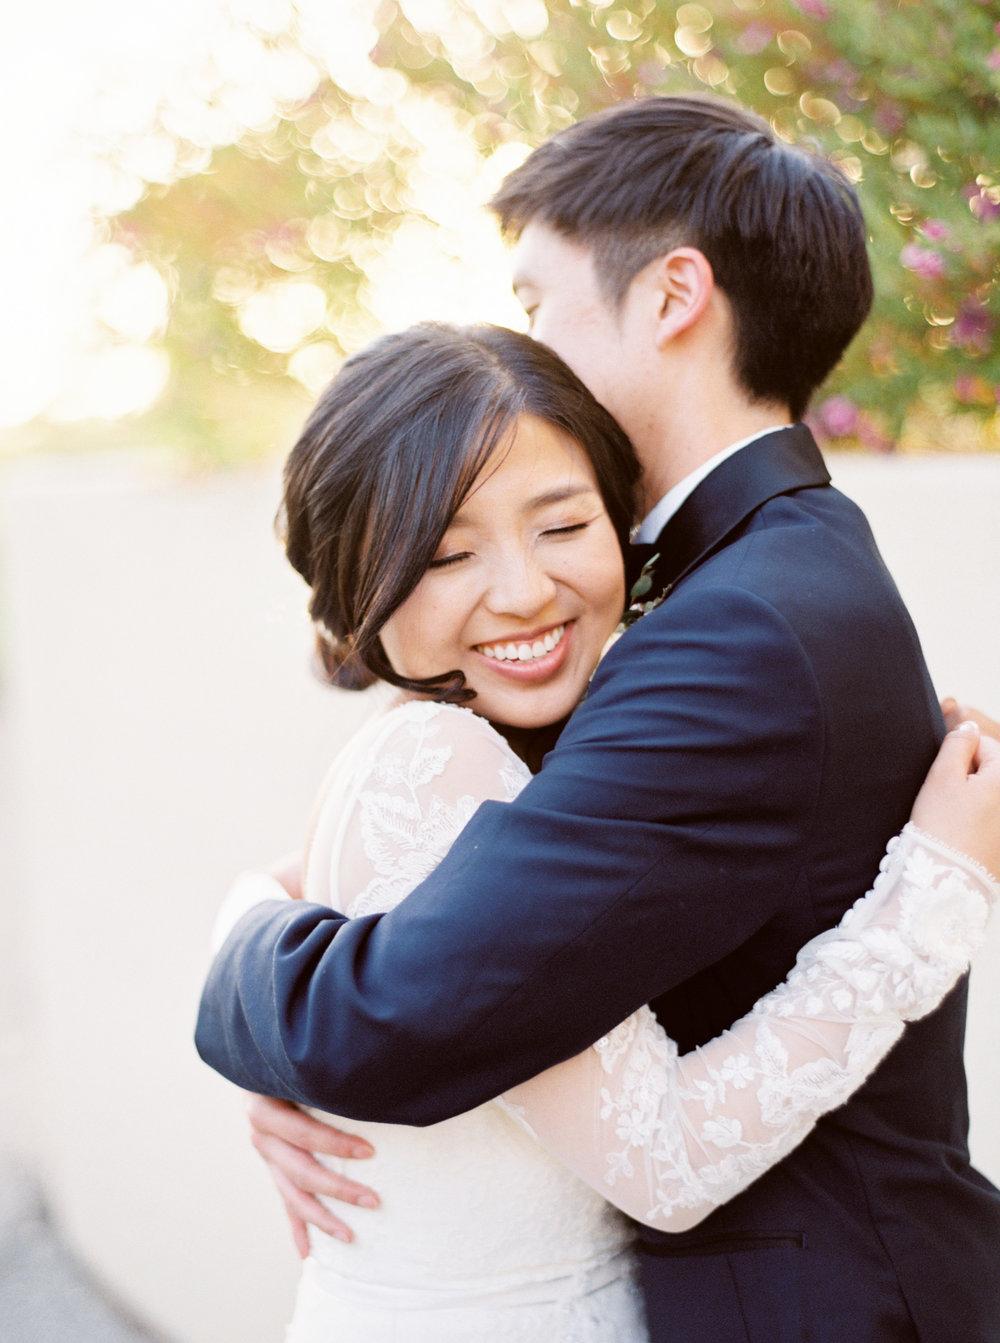 carmel-wedding-at-wedgewood-carmel-california-59.jpg